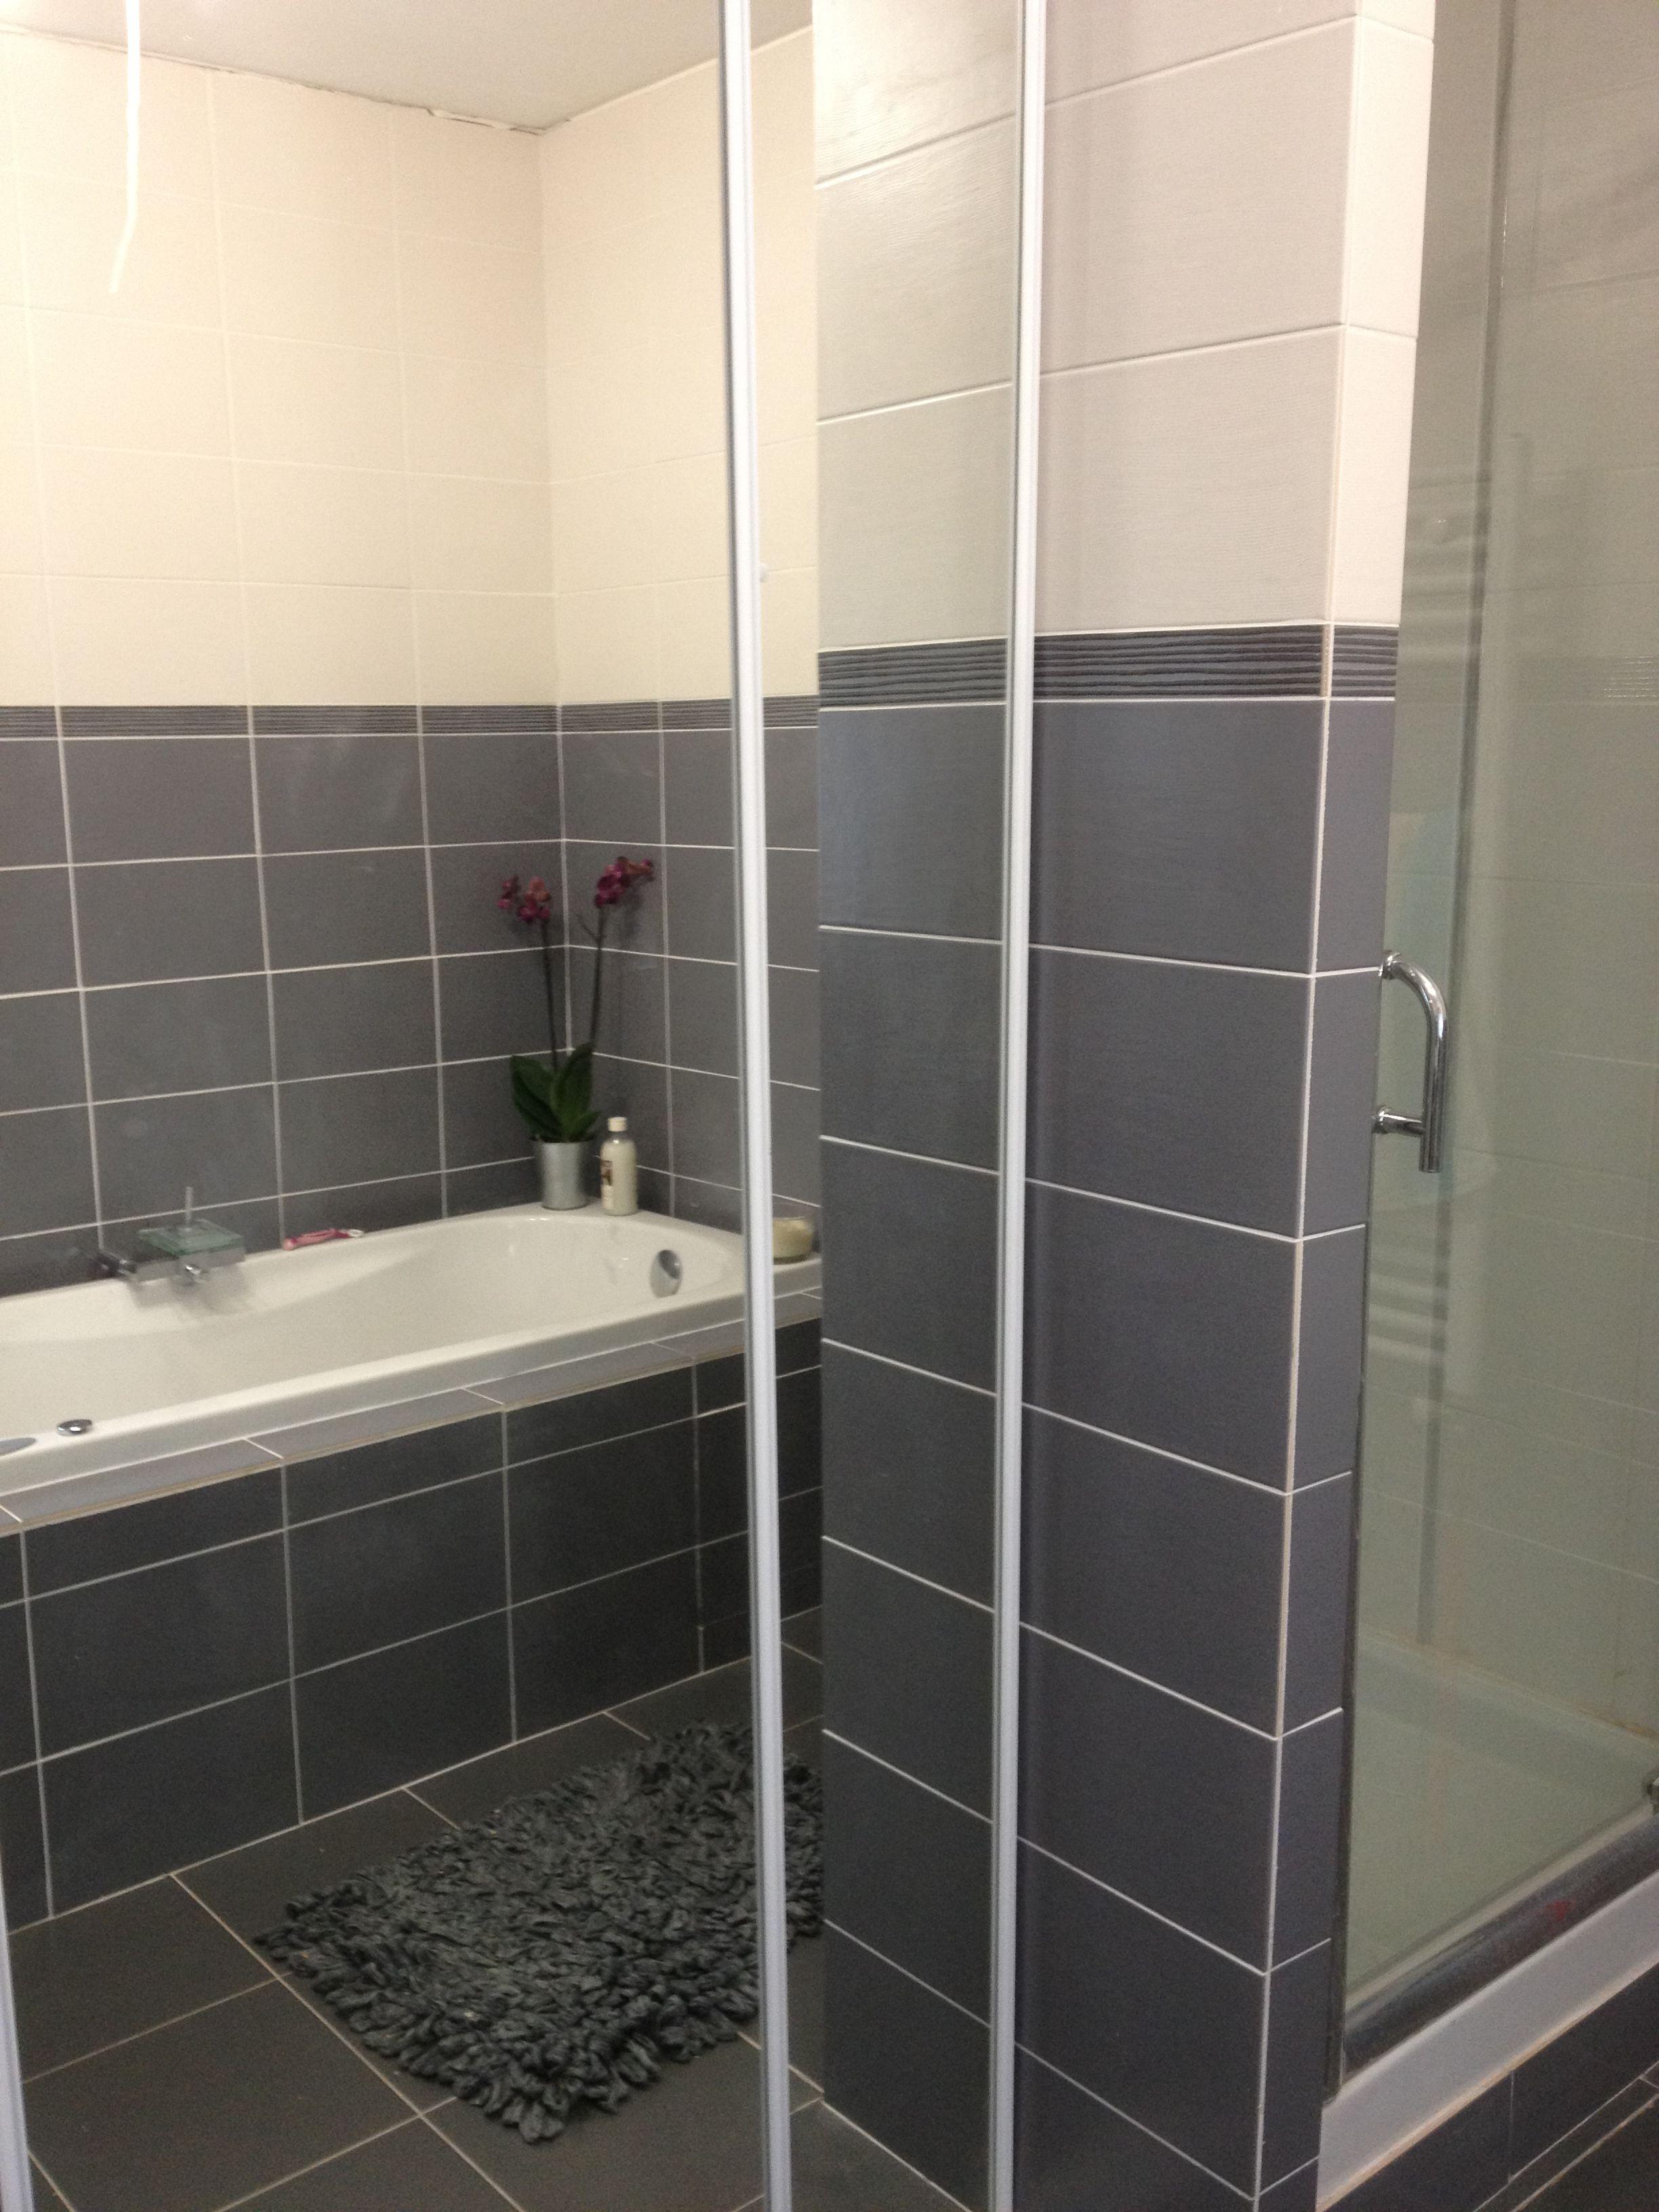 related for carrelage salle de bain blanc et gris - Faience Grise Pour Salle De Bain